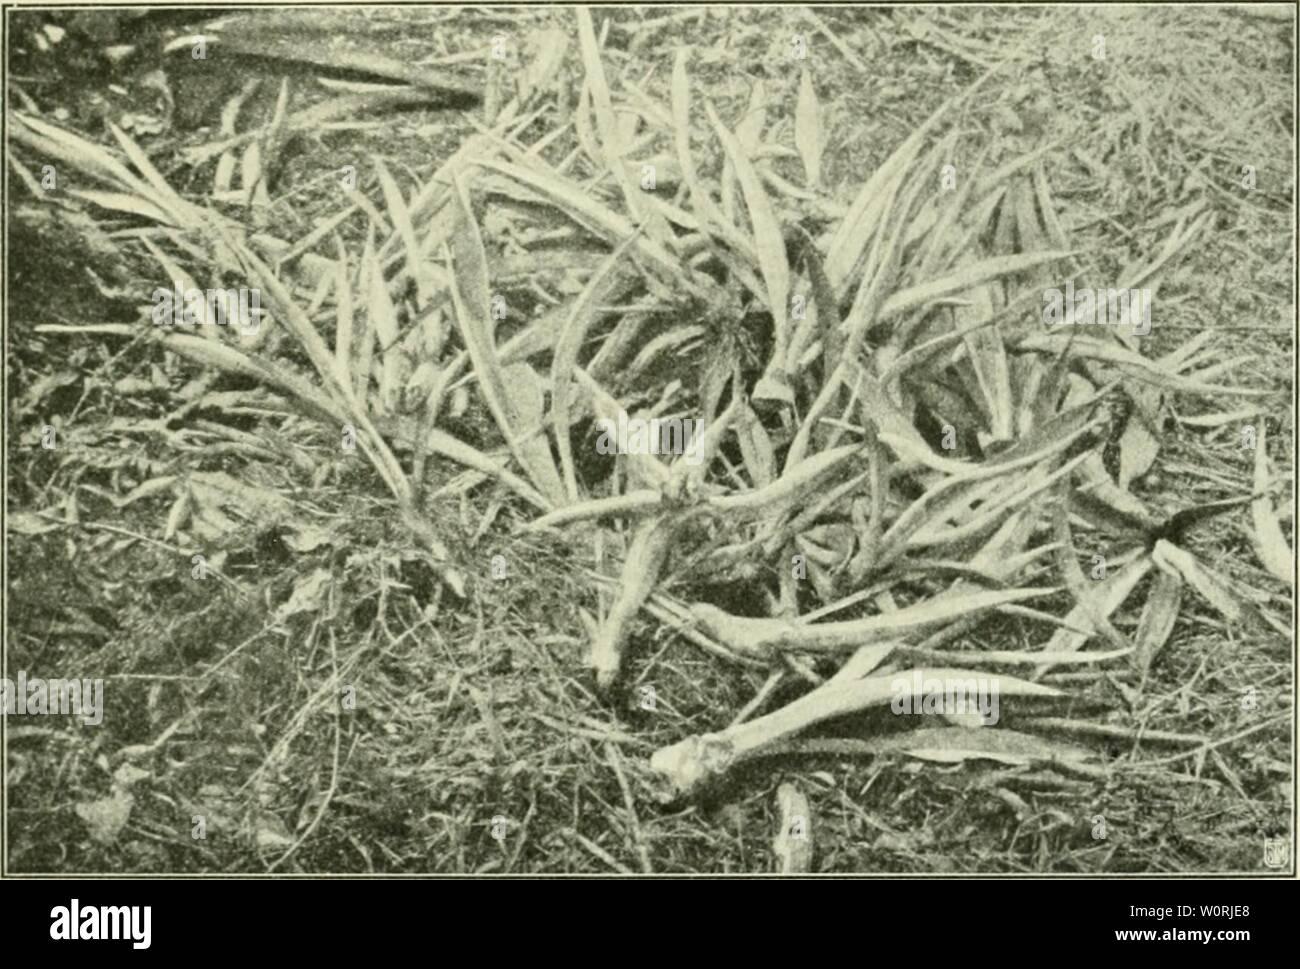 Archive image from page 442 of Der Tropenpflanzer; zeitschrift fr tropische. Der Tropenpflanzer; zeitschrift fr tropische landwirtschaft dertropenpflanze15berl Year:   — 237 — Zwischenraum von i]/ ni /.wischen den cin/.ehien Pflanzen. In anderen Gegenden erweitert man die Entfcrnunj;- zwischen den Reihen bis zu 3 m, in noch anderen pflanzt man auf 2,10 bis 2,50 m im Quadrat. Die Anpflanzung mit Abständen von 2 m ist weniger günstig, weil dadurch (He Reinigung der Felder am Ende des zweiten und während des dritten Jahres sehr erschwert wird. Die Zapupe-Felder werden in Tafeln von mehr oder weni - Stock Image